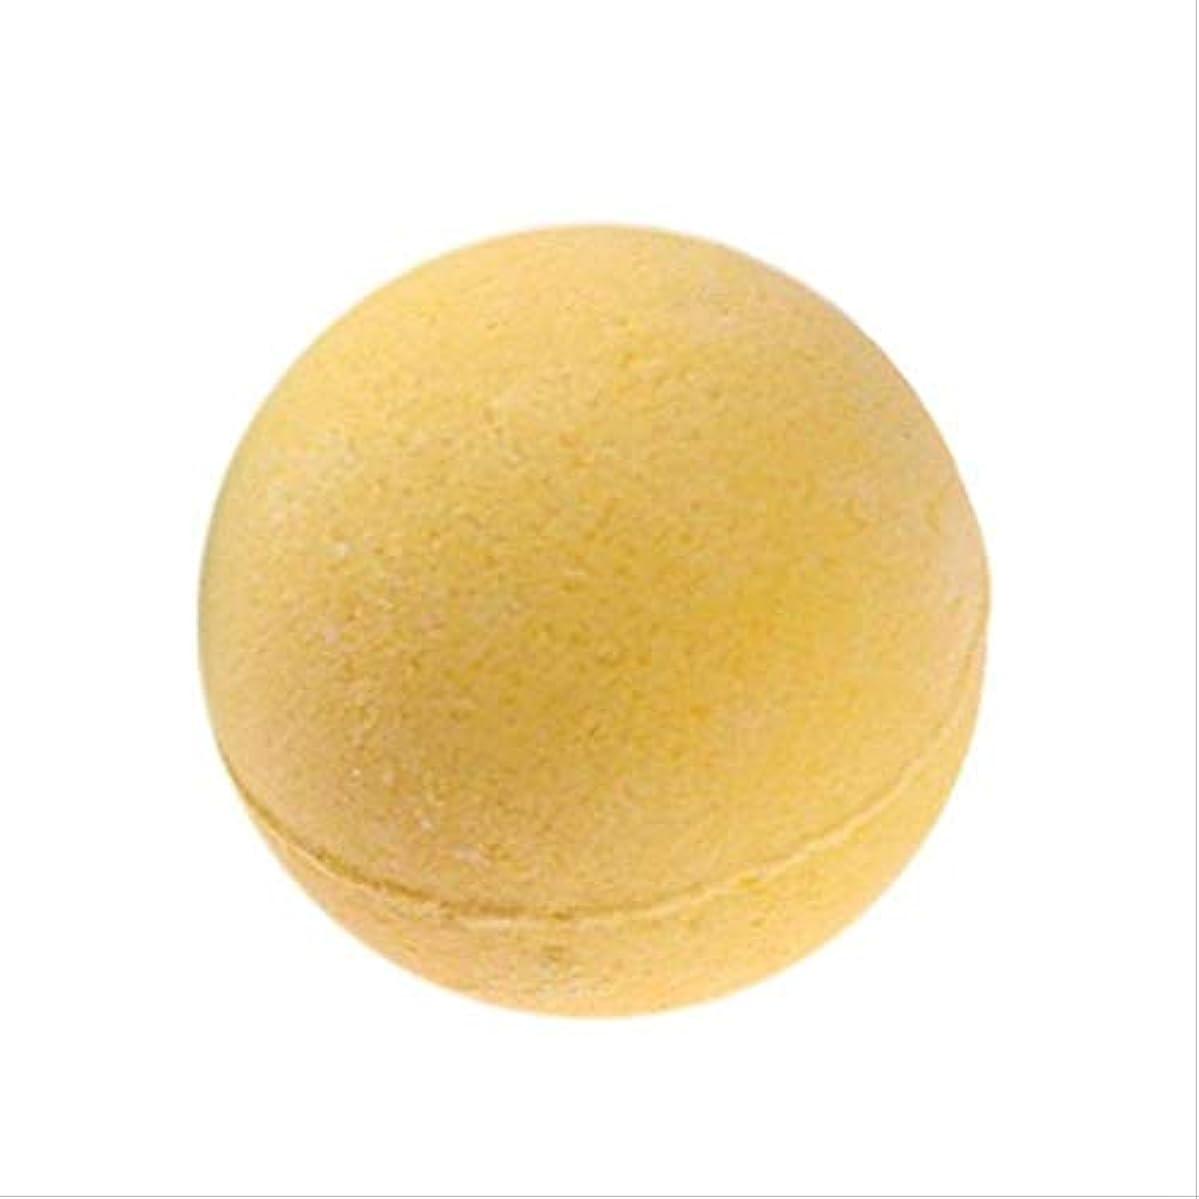 値下げ通信する雲バスソルトバスソルトボールバスボール レモン